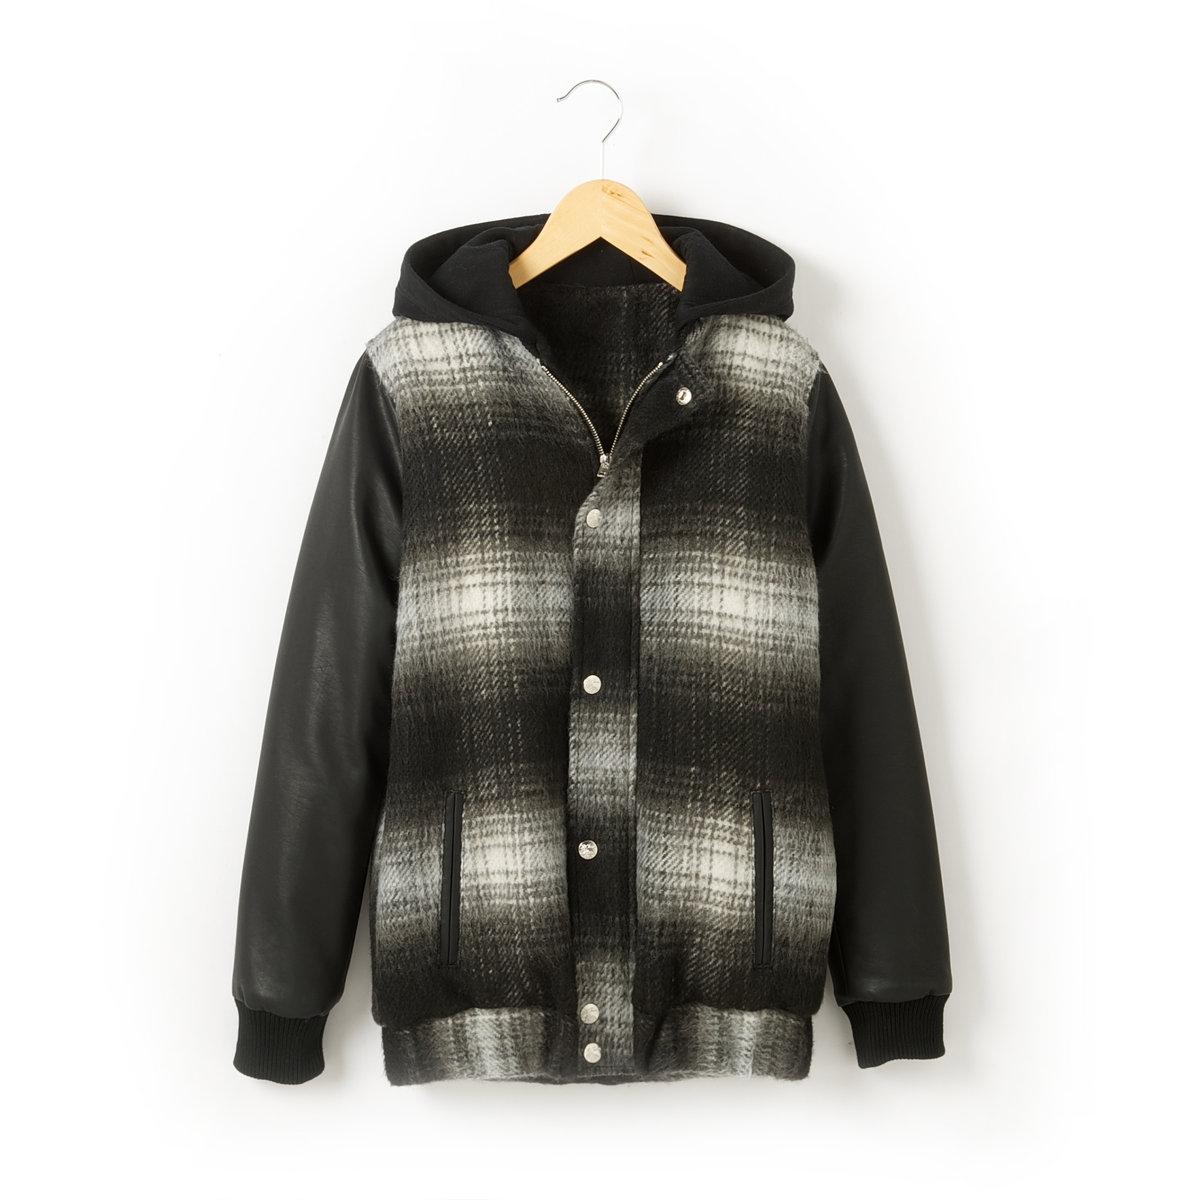 Пальто с капюшономКлетчатое пальто в стиле тедди, 72% полиэстера, 14% акрила, 6% вискозы, 3% полиамида, 3% хлопка, 2% шерсти. Подкладка и утеплитель из 100% полиэстера. Мольтоновый капюшон, 60% хлопка, 40% полиэстера. Рукава из искусственной кожи, 100% полиуретана. Супатная застежка на молнию и кнопки. 2 прорезных кармана спереди. Вырез и низ рукавов связаны в рубчик.<br><br>Цвет: в клетку черный<br>Размер: 12 лет -150 см.16 лет